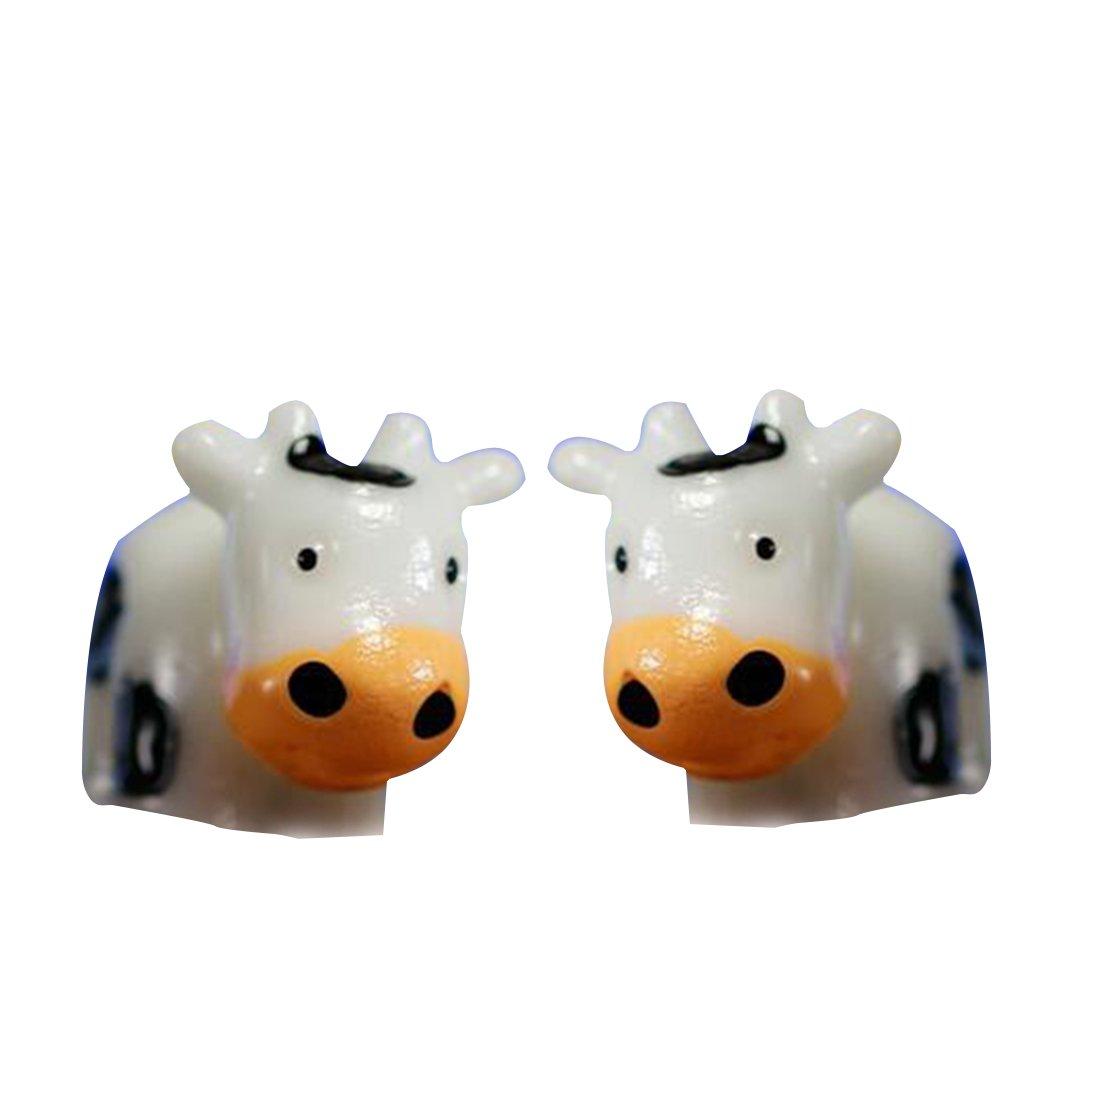 Miniatura vaca Animal decoración de Navidad DIY resina hada casa jardín decoración